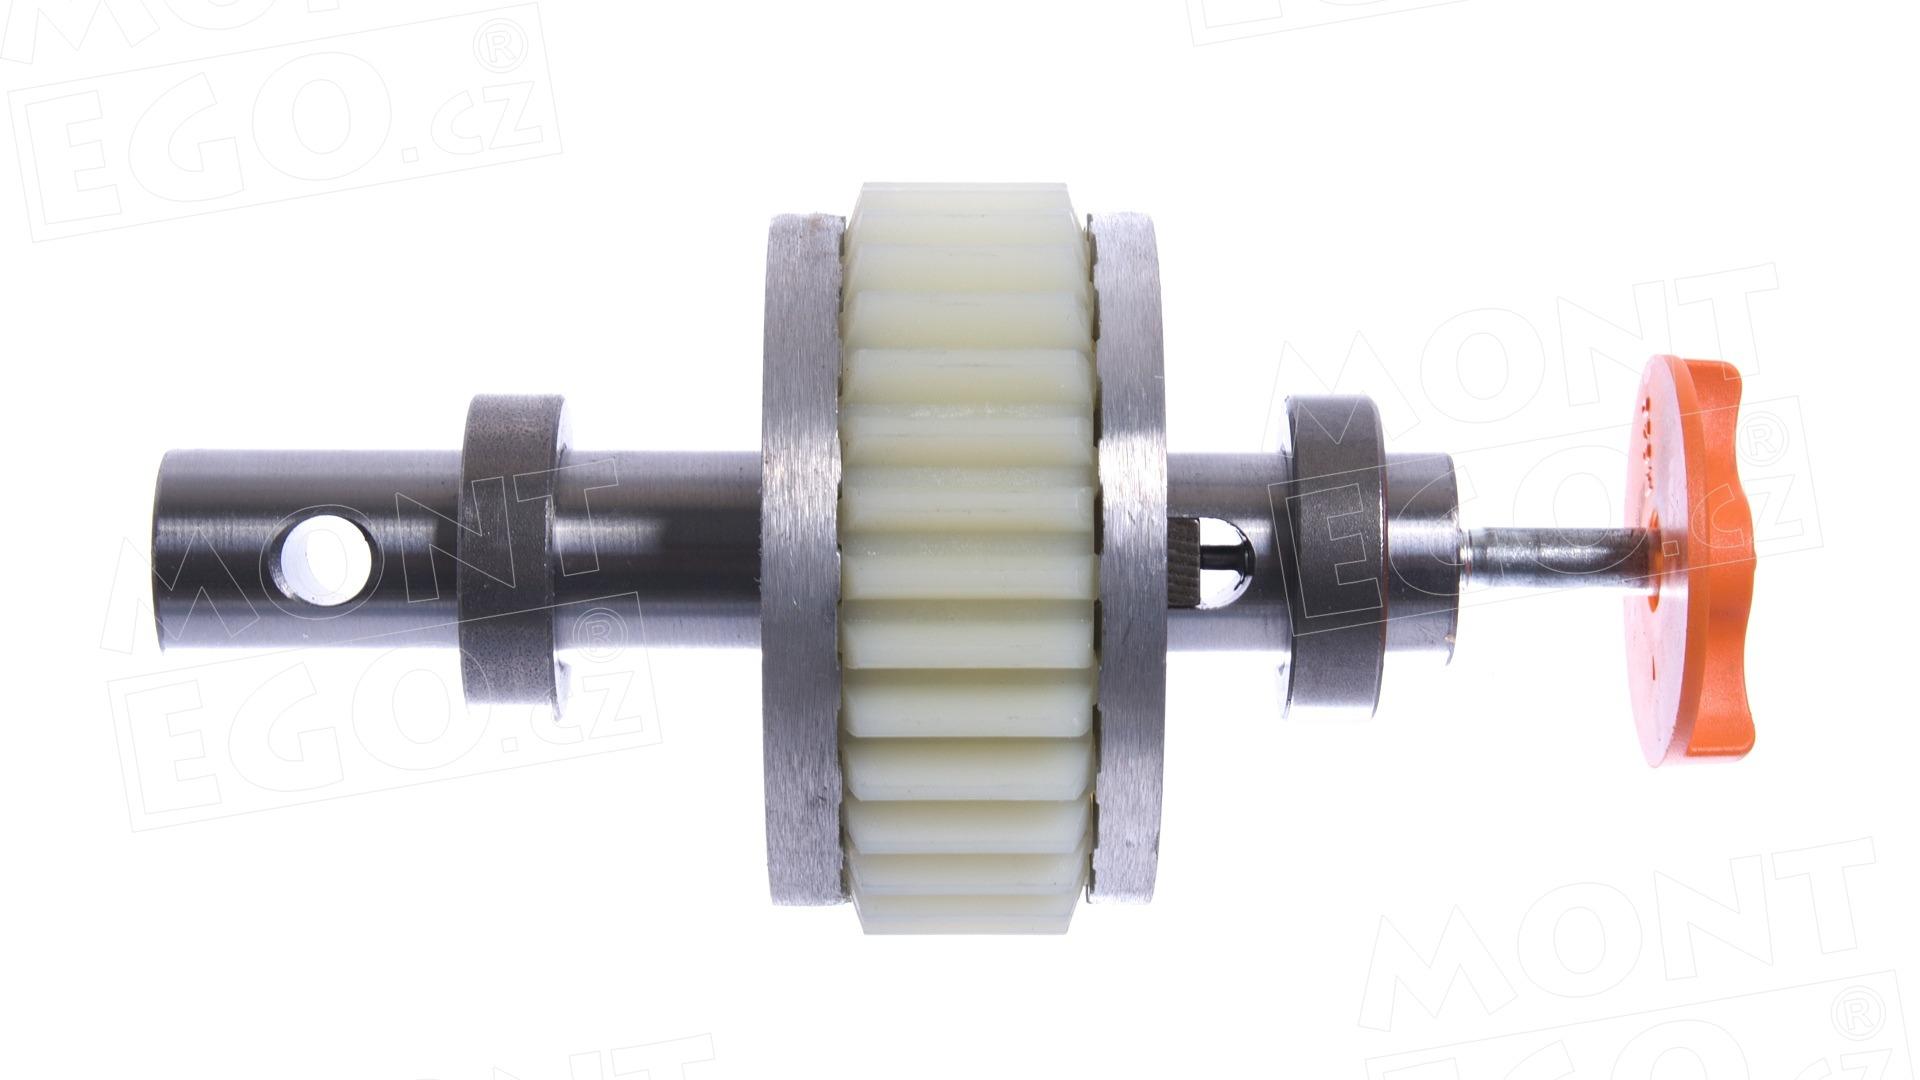 CAME 119RIBX007 výstupní hřídel pohonu bran Came BX